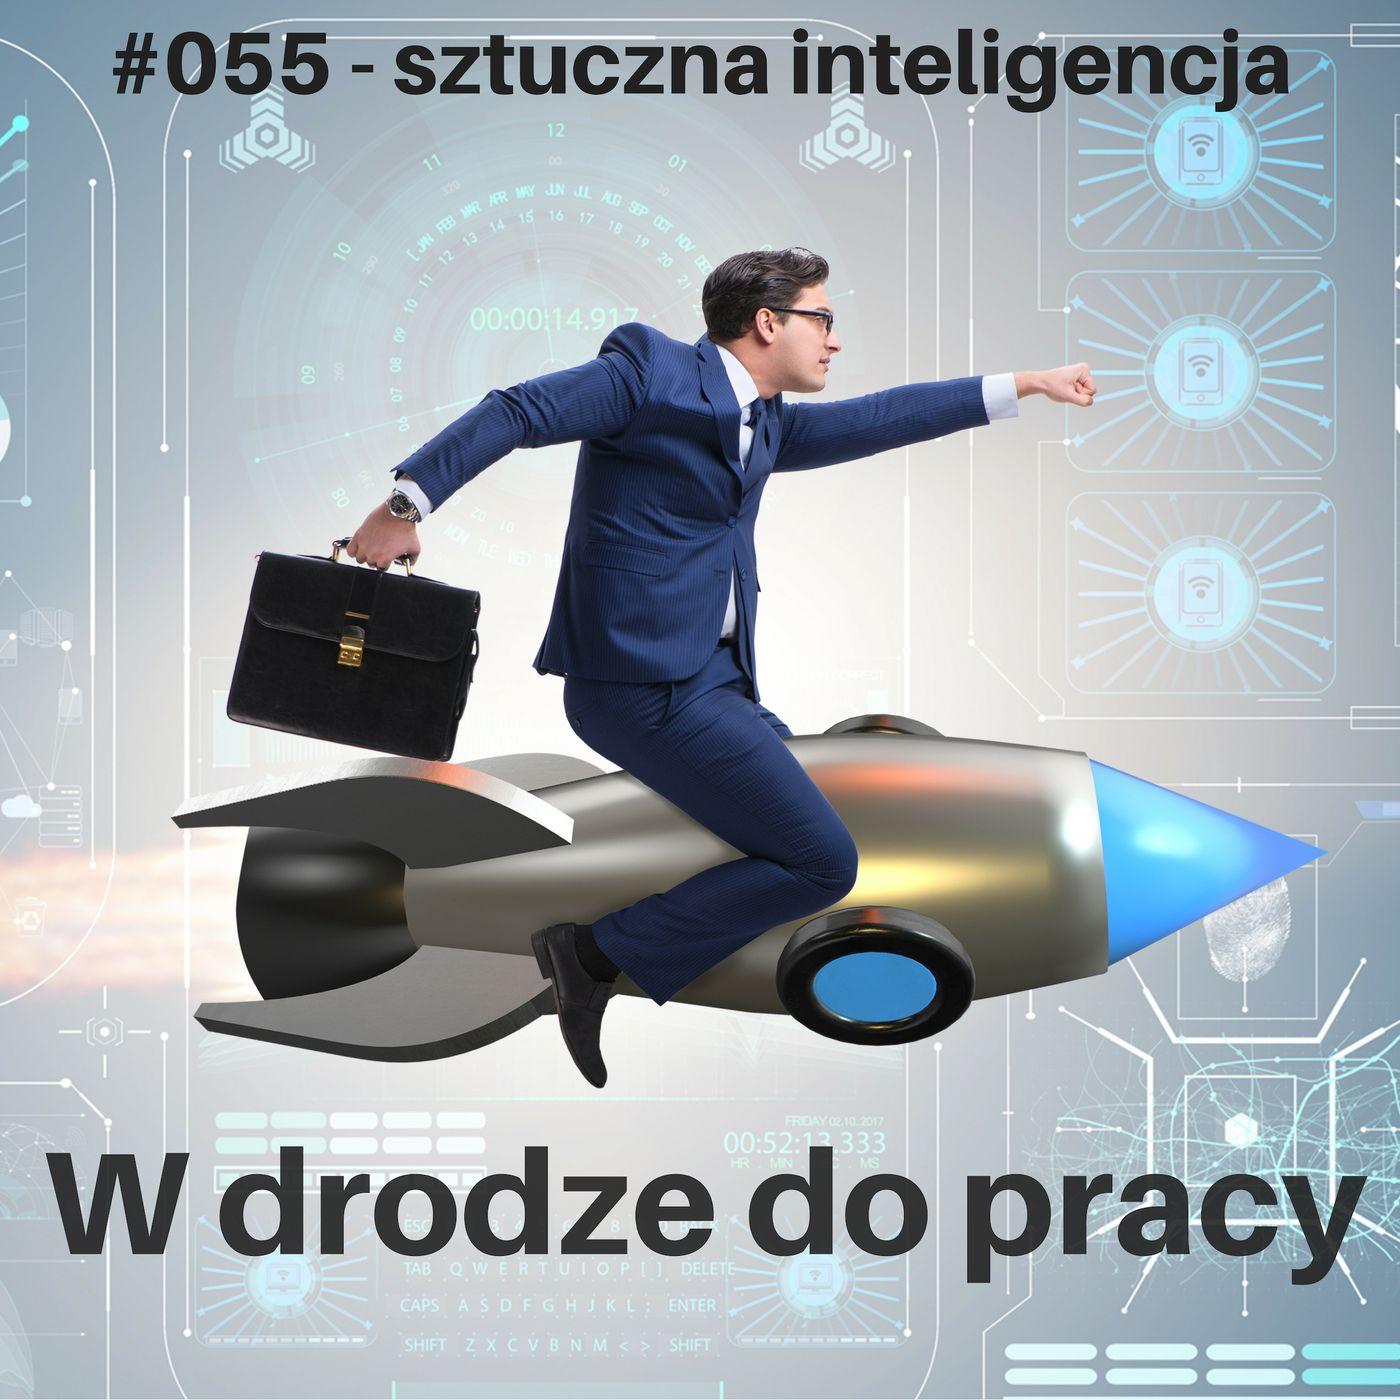 #055 - Jak sztuczna inteligencja i nowoczesne technologie wpływają na nasze życie